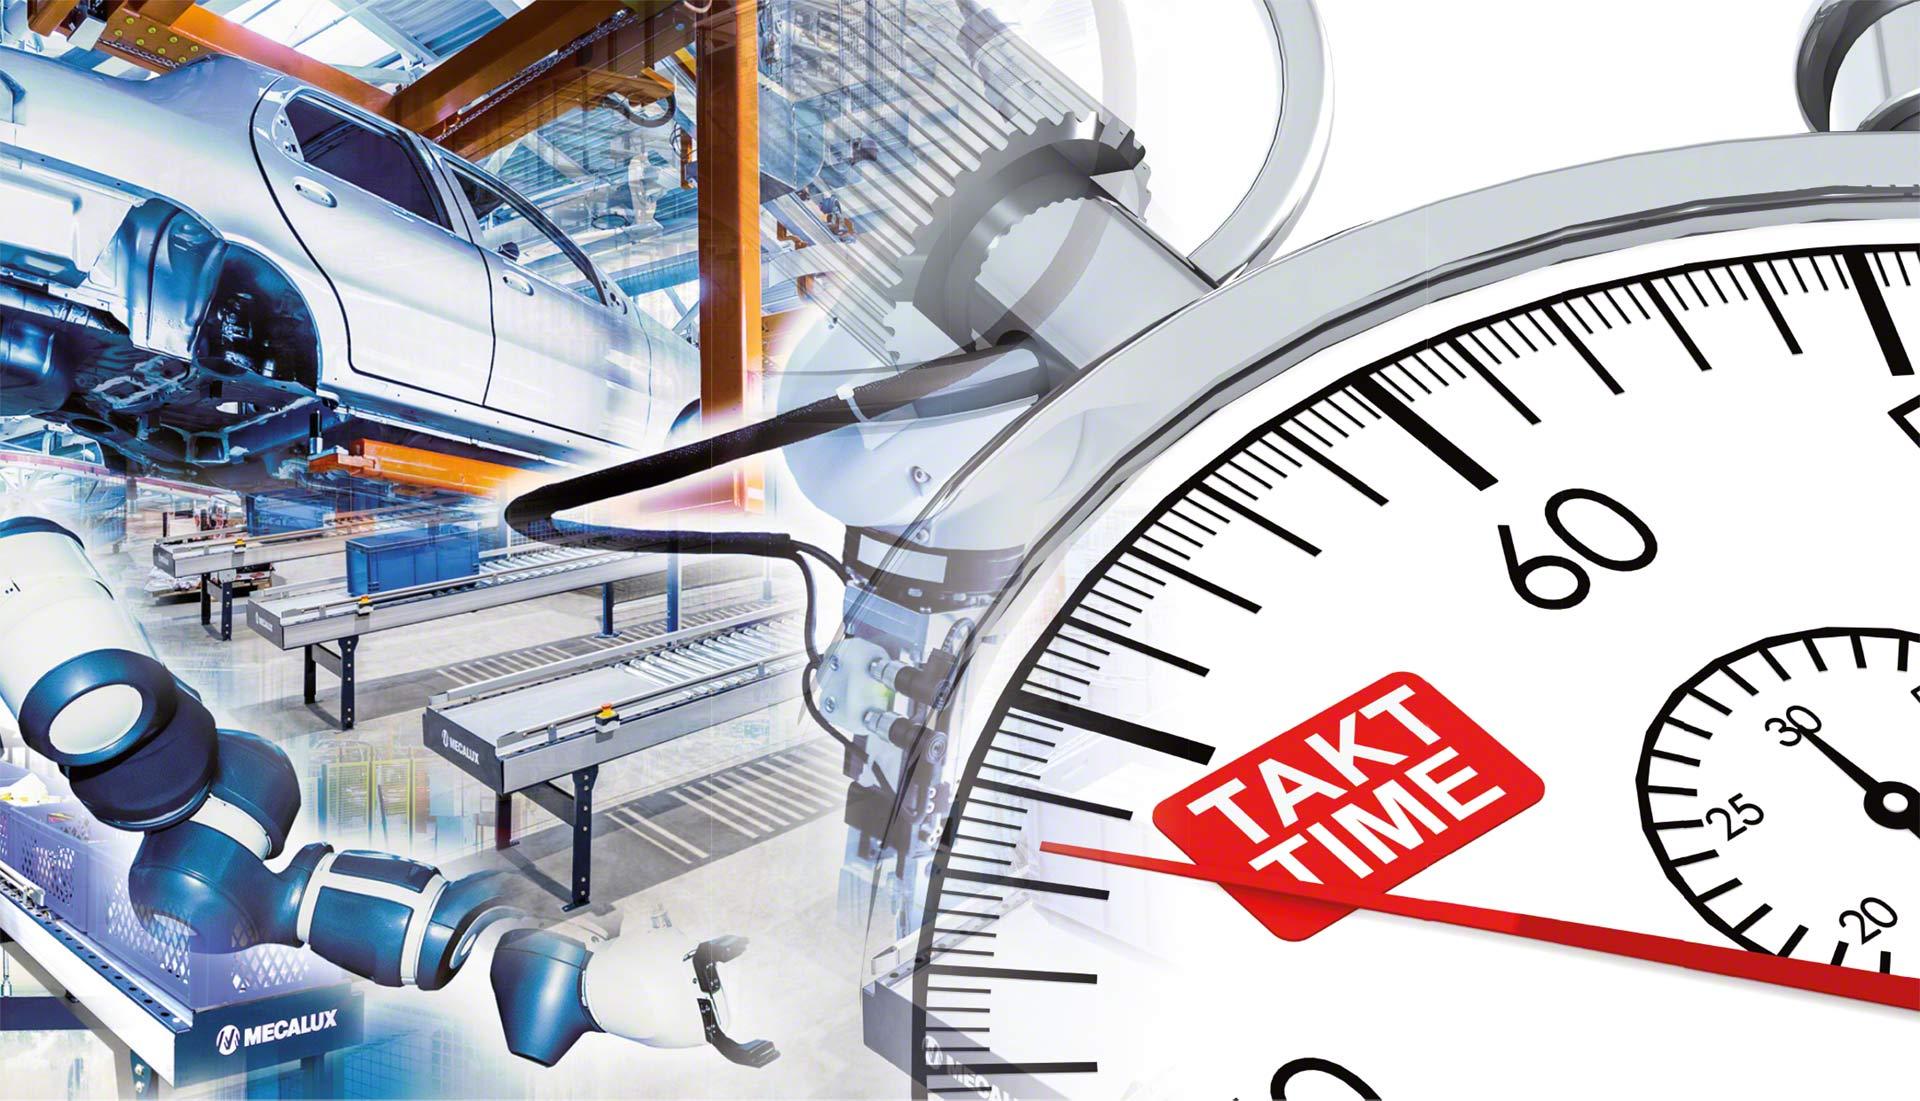 El Takt Time calcula el ritmo que debe mantener una cadena de producción para satisfacer la demanda